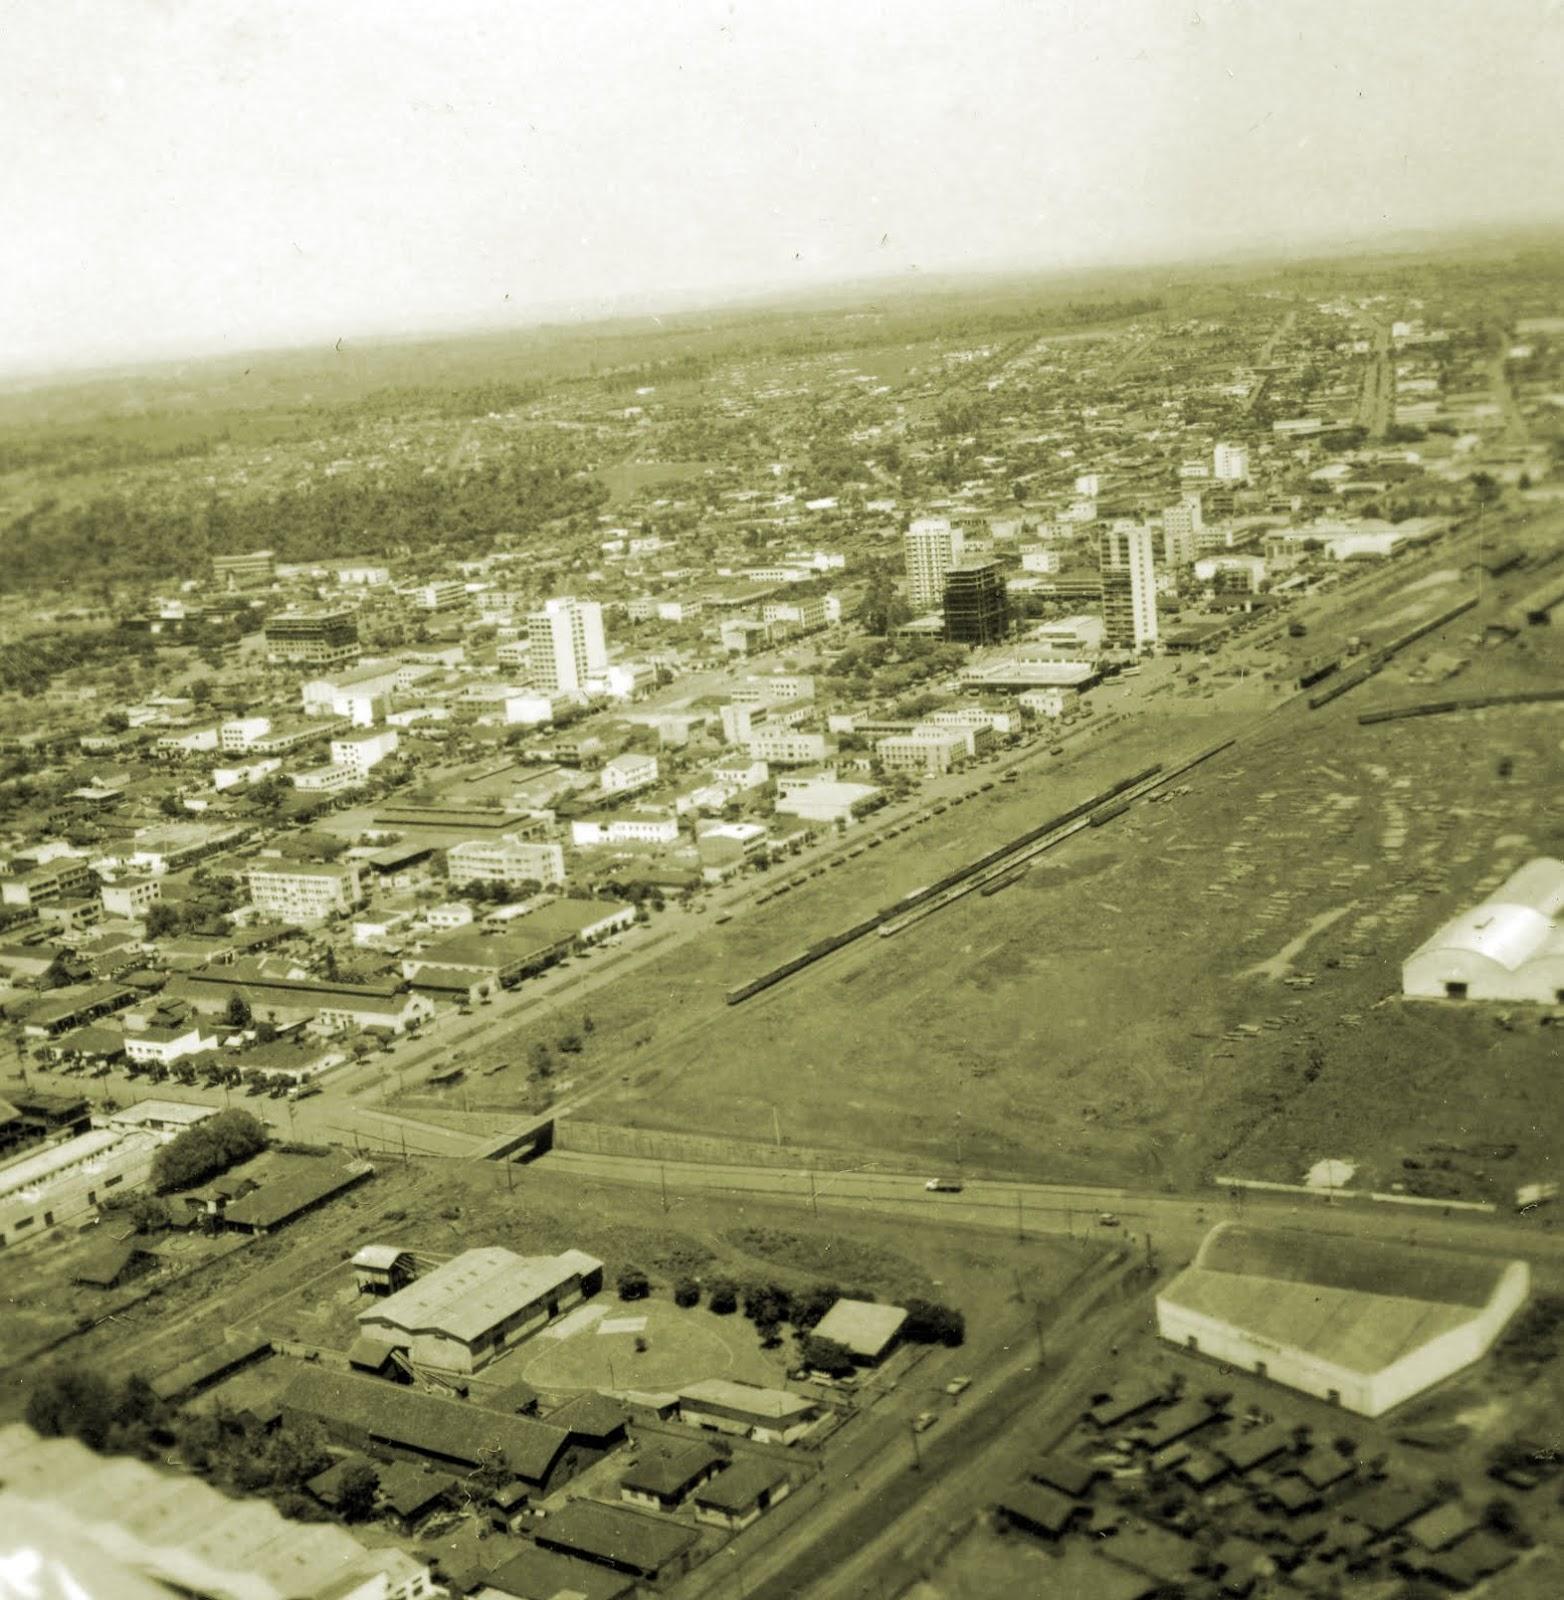 Vista aérea de Maringá - Final da década de 1960